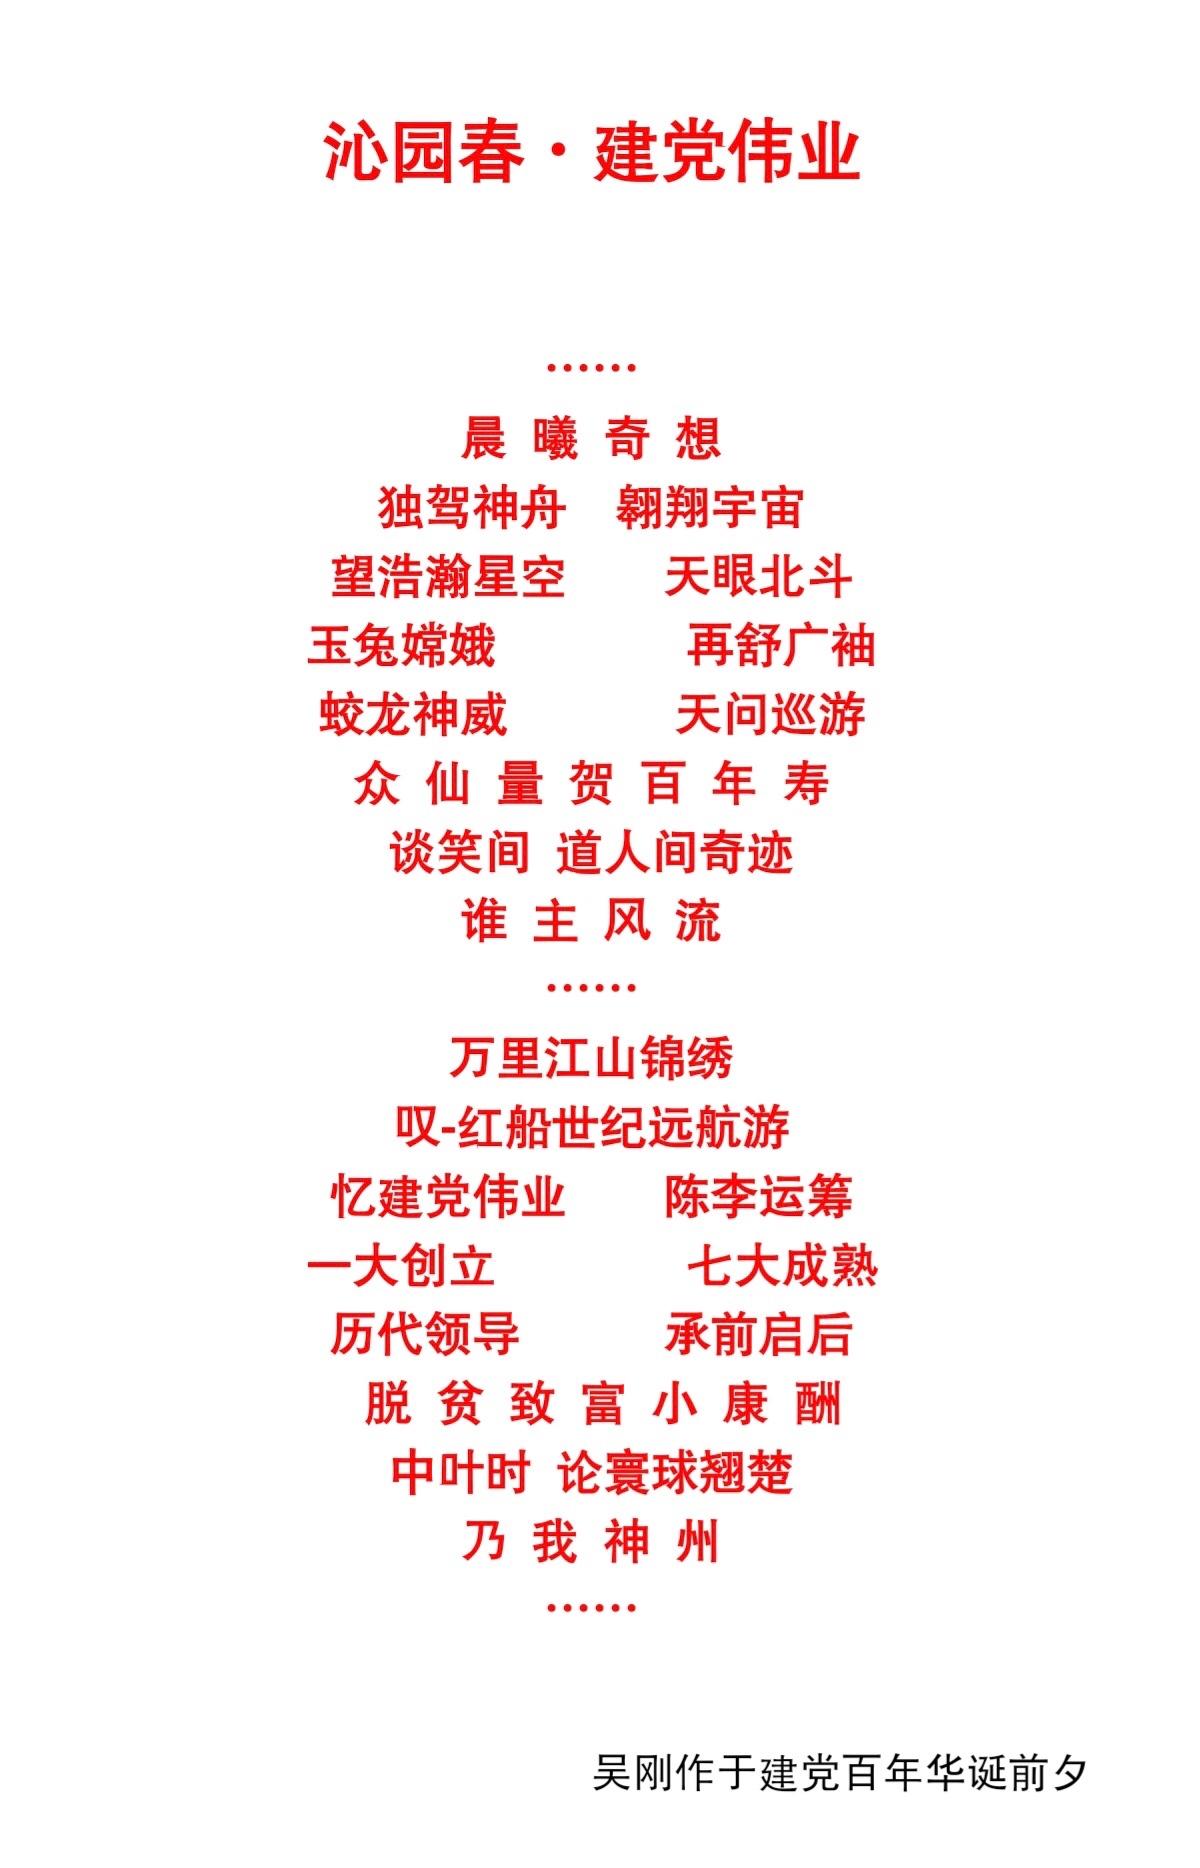 北京绵阳商会党支部书记兼秘书长吴刚作于建党百年华诞前夕